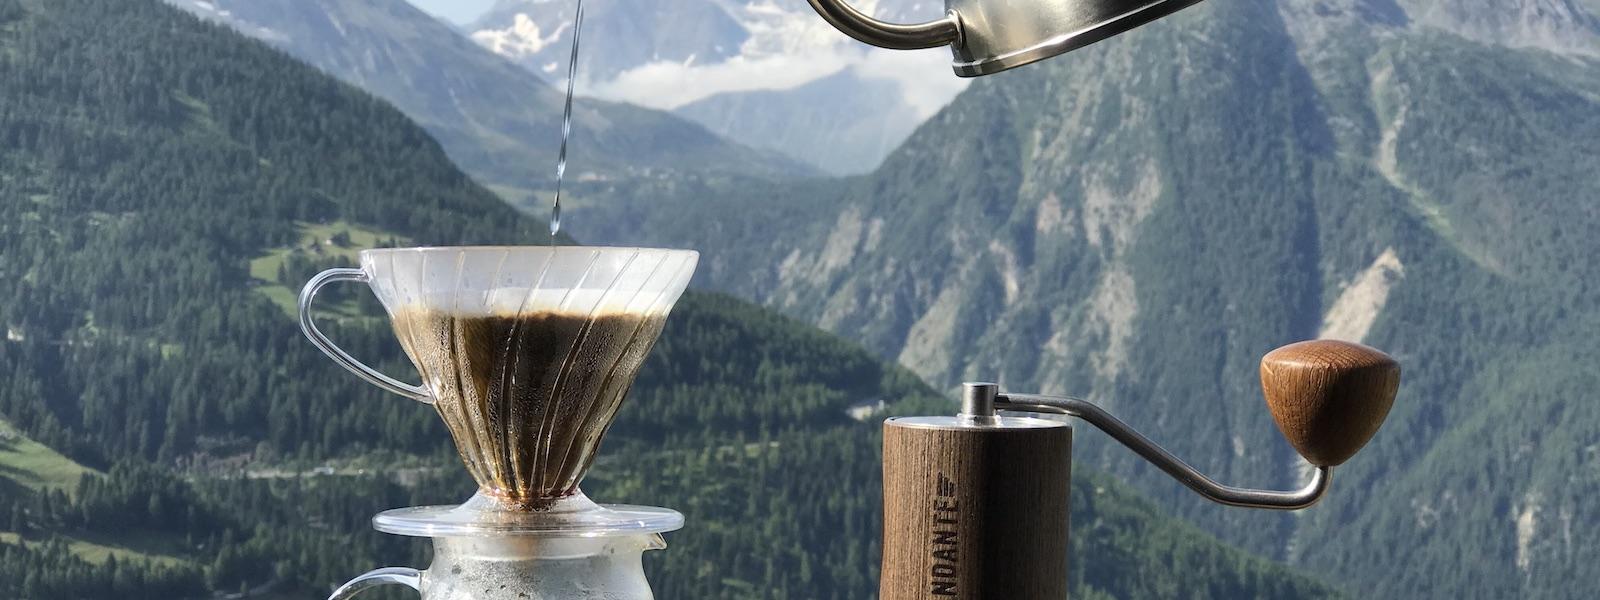 Artikelen over koffie en thee